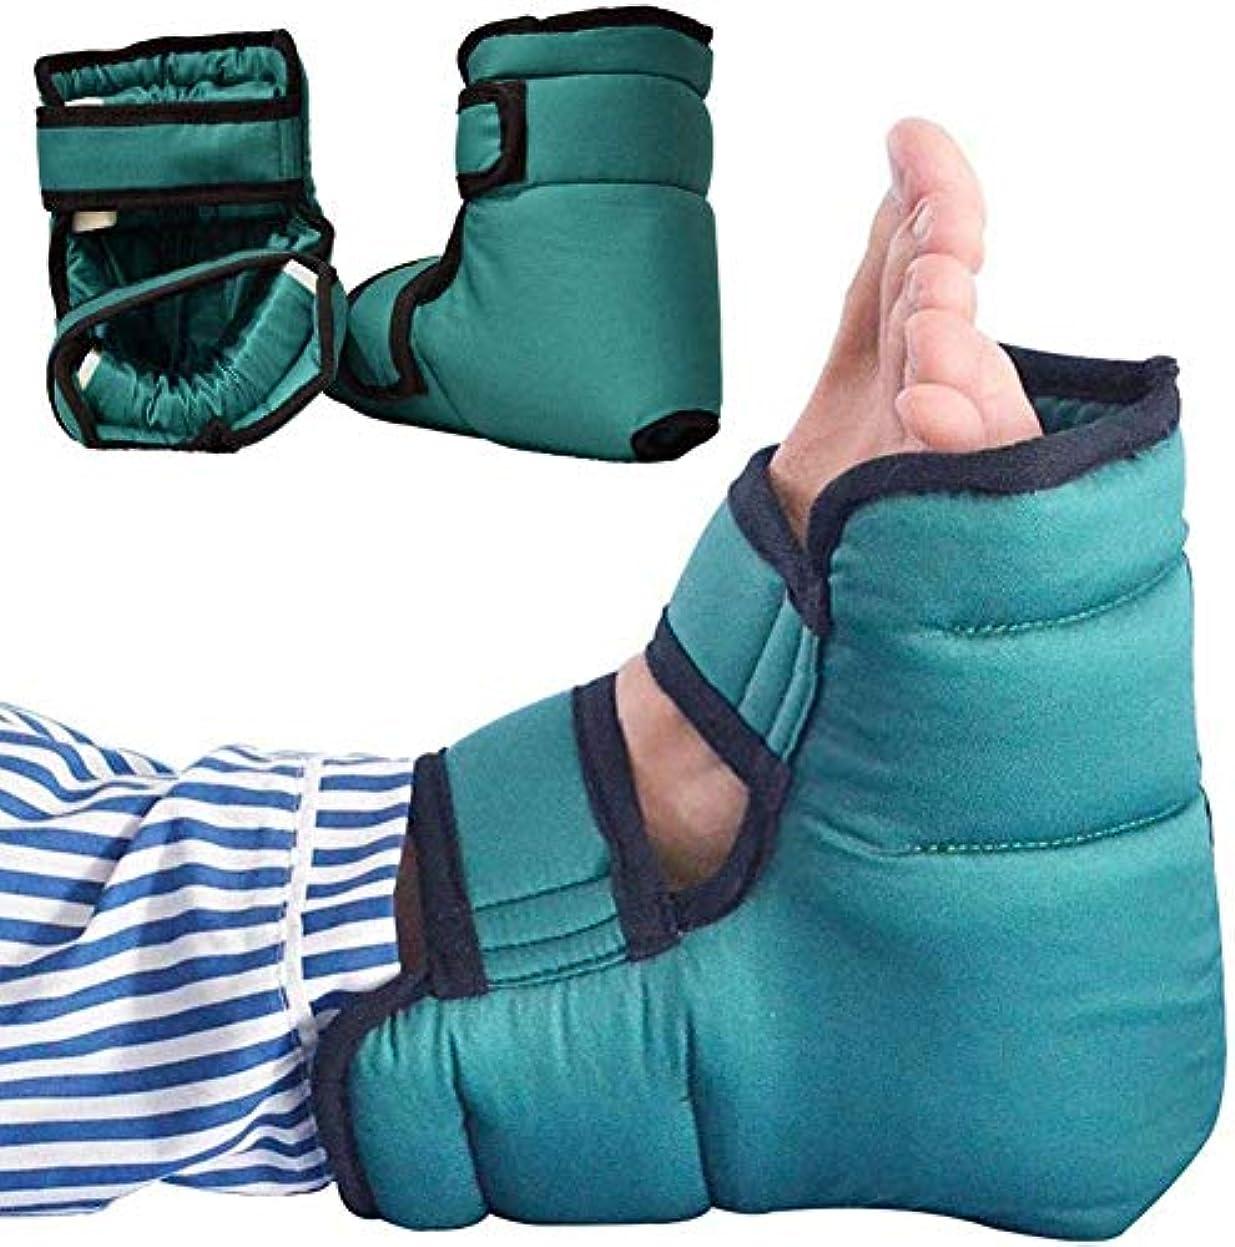 ランドマーク憂慮すべき欲求不満抗床ずれヒールプロテクター枕、圧力緩和ヒールプロテクター、患者ケアヒールパッド足首プロテクタークッション、効果的な床ずれおよび足潰瘍緩和フットピロー、1ペア